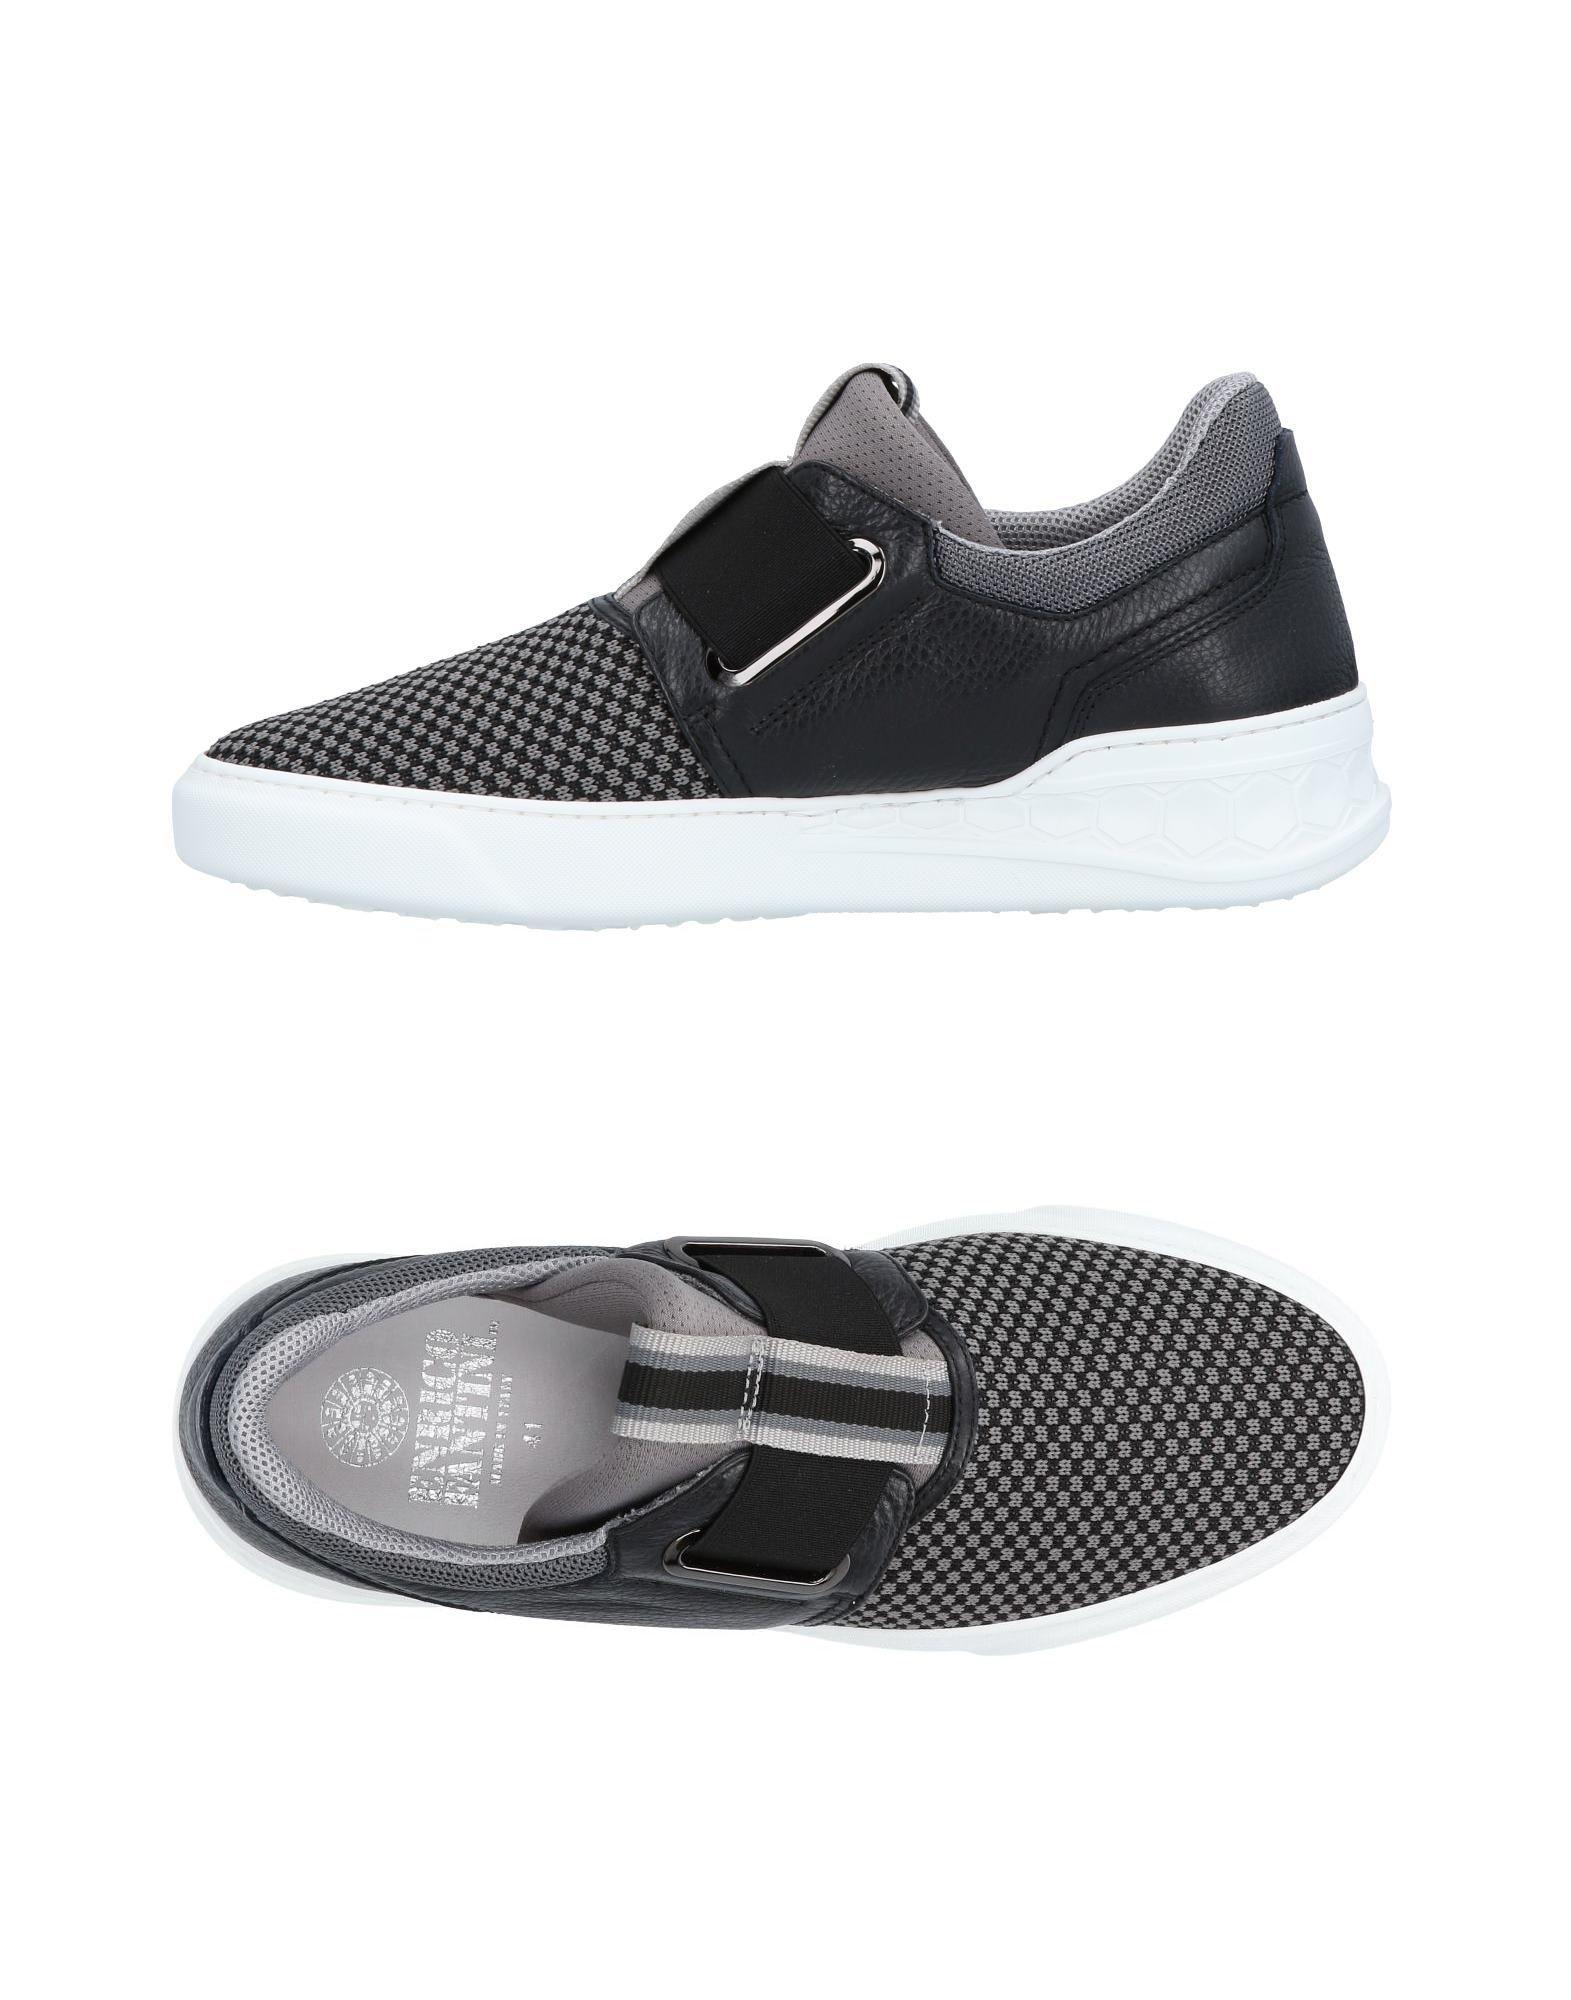 Sneakers 11449357EH Enrico Fantini Uomo - 11449357EH Sneakers 3302d9